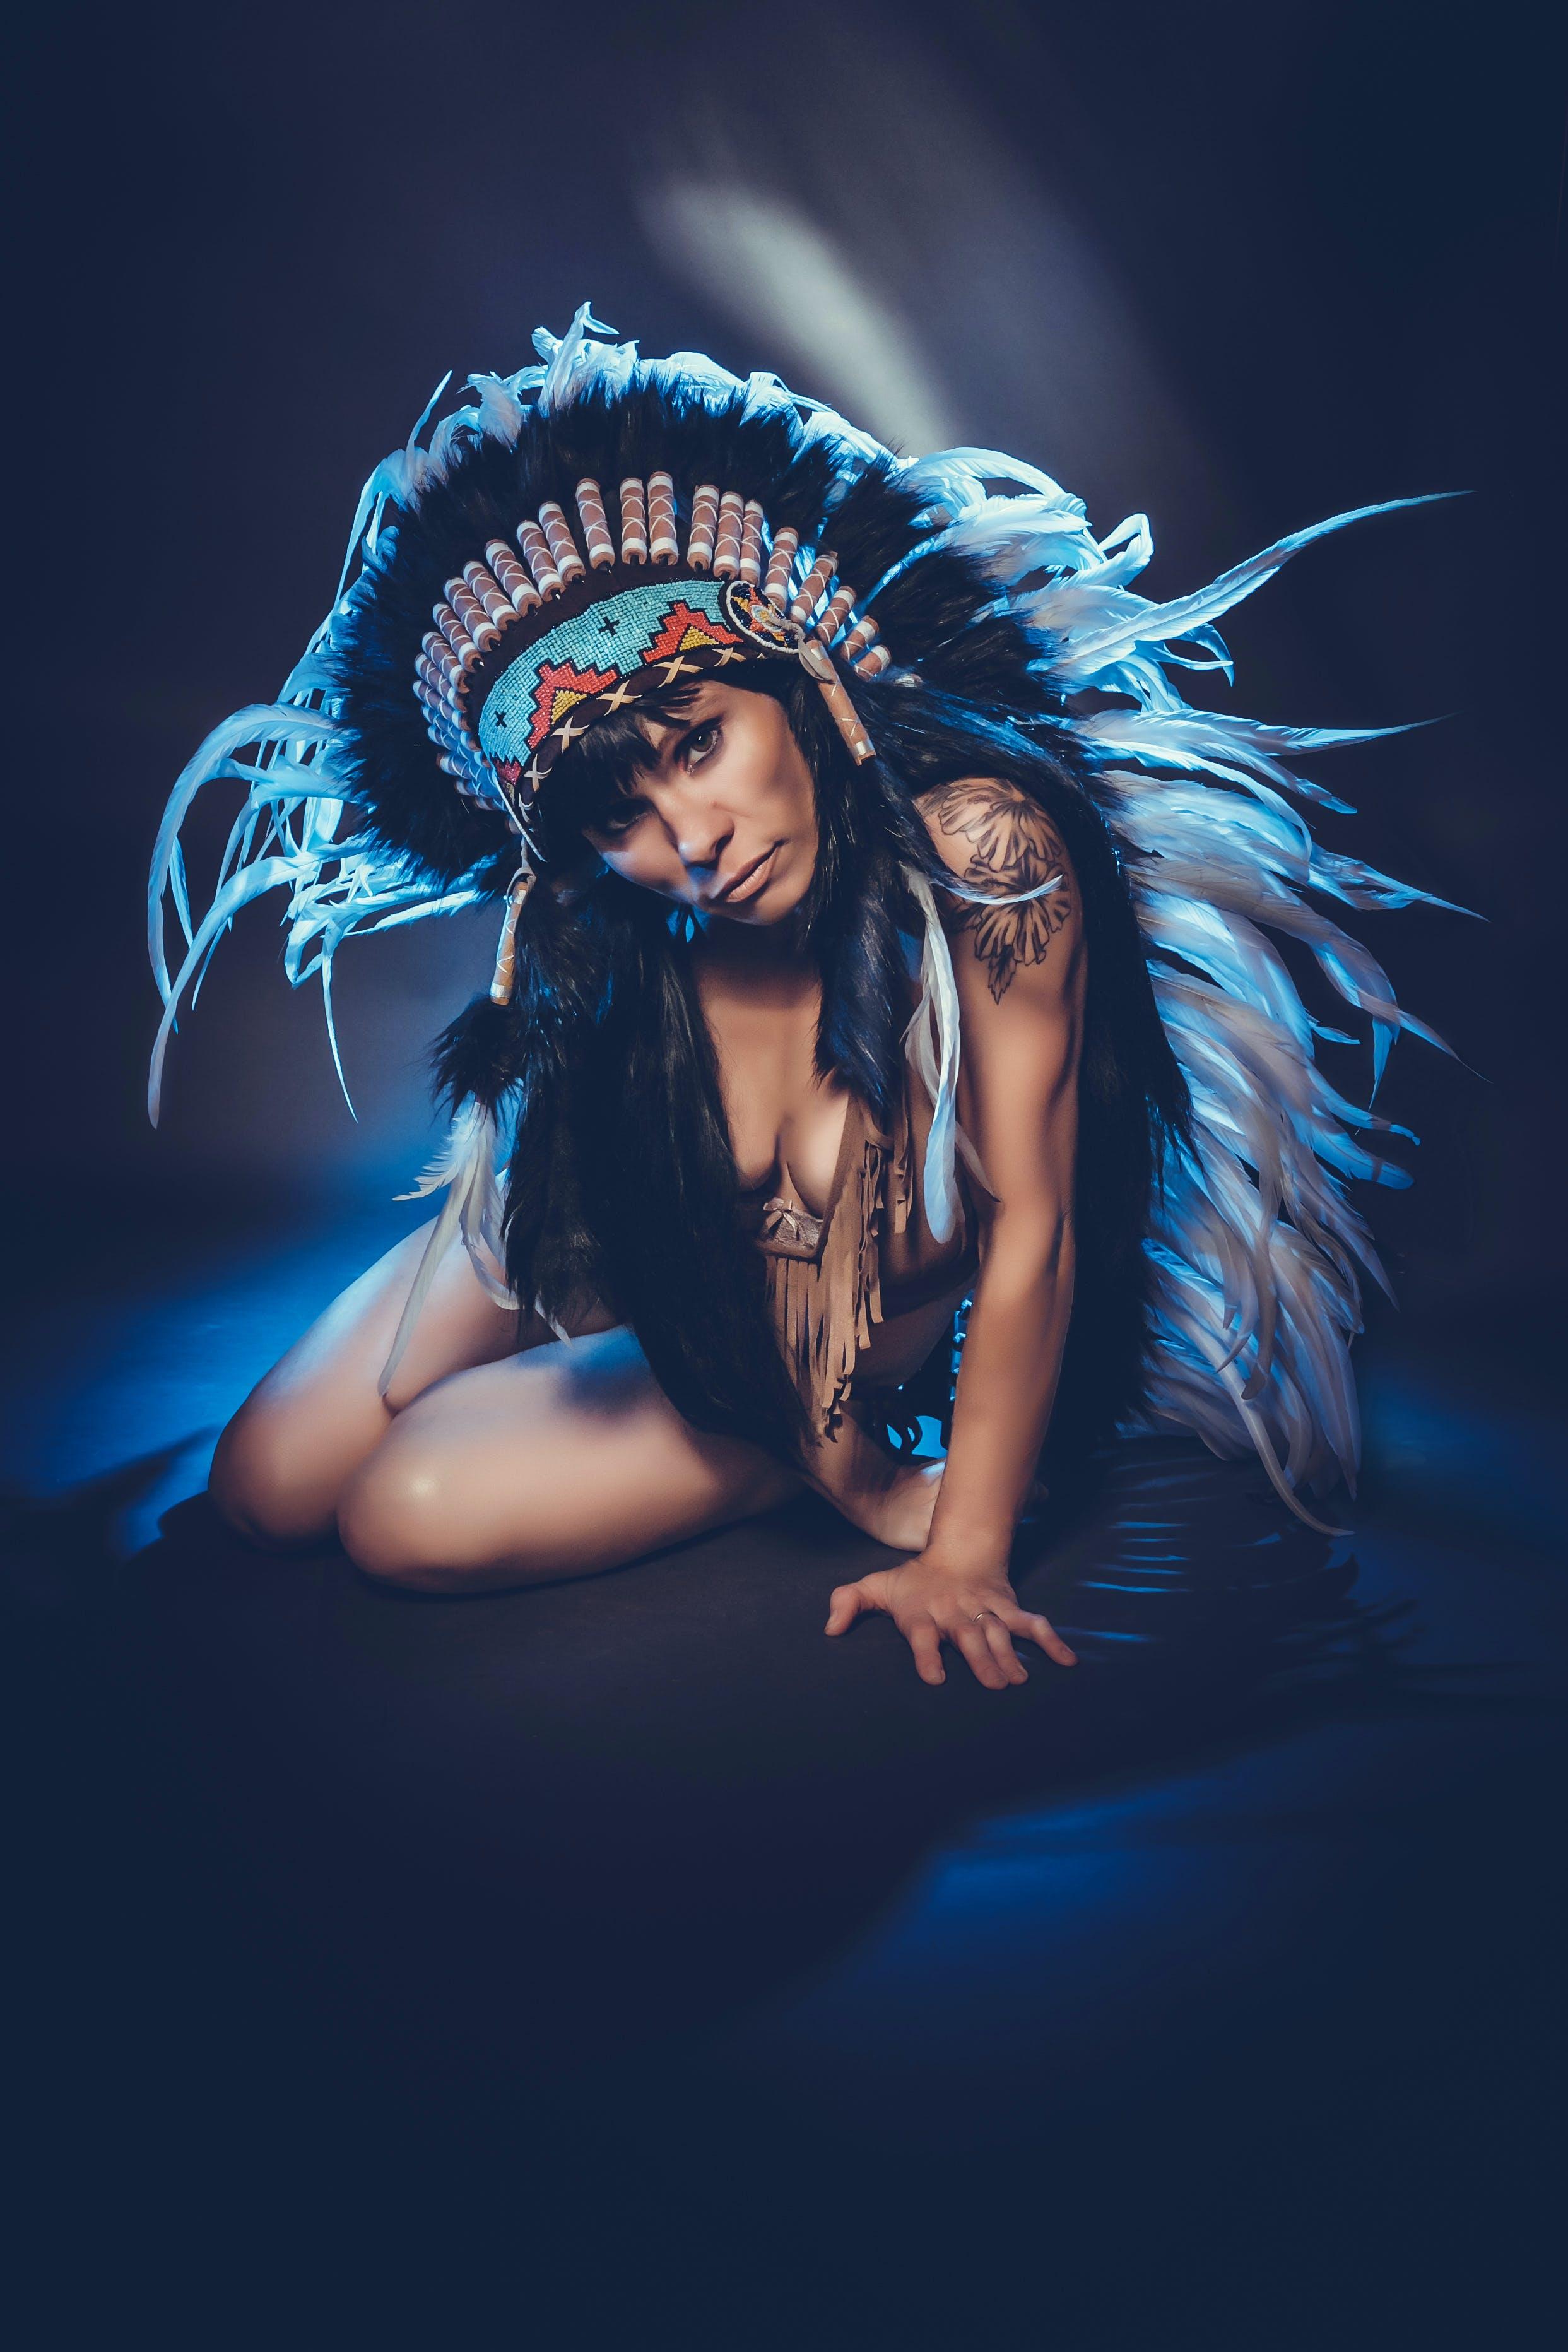 Woman Wearing Feather Head Dress